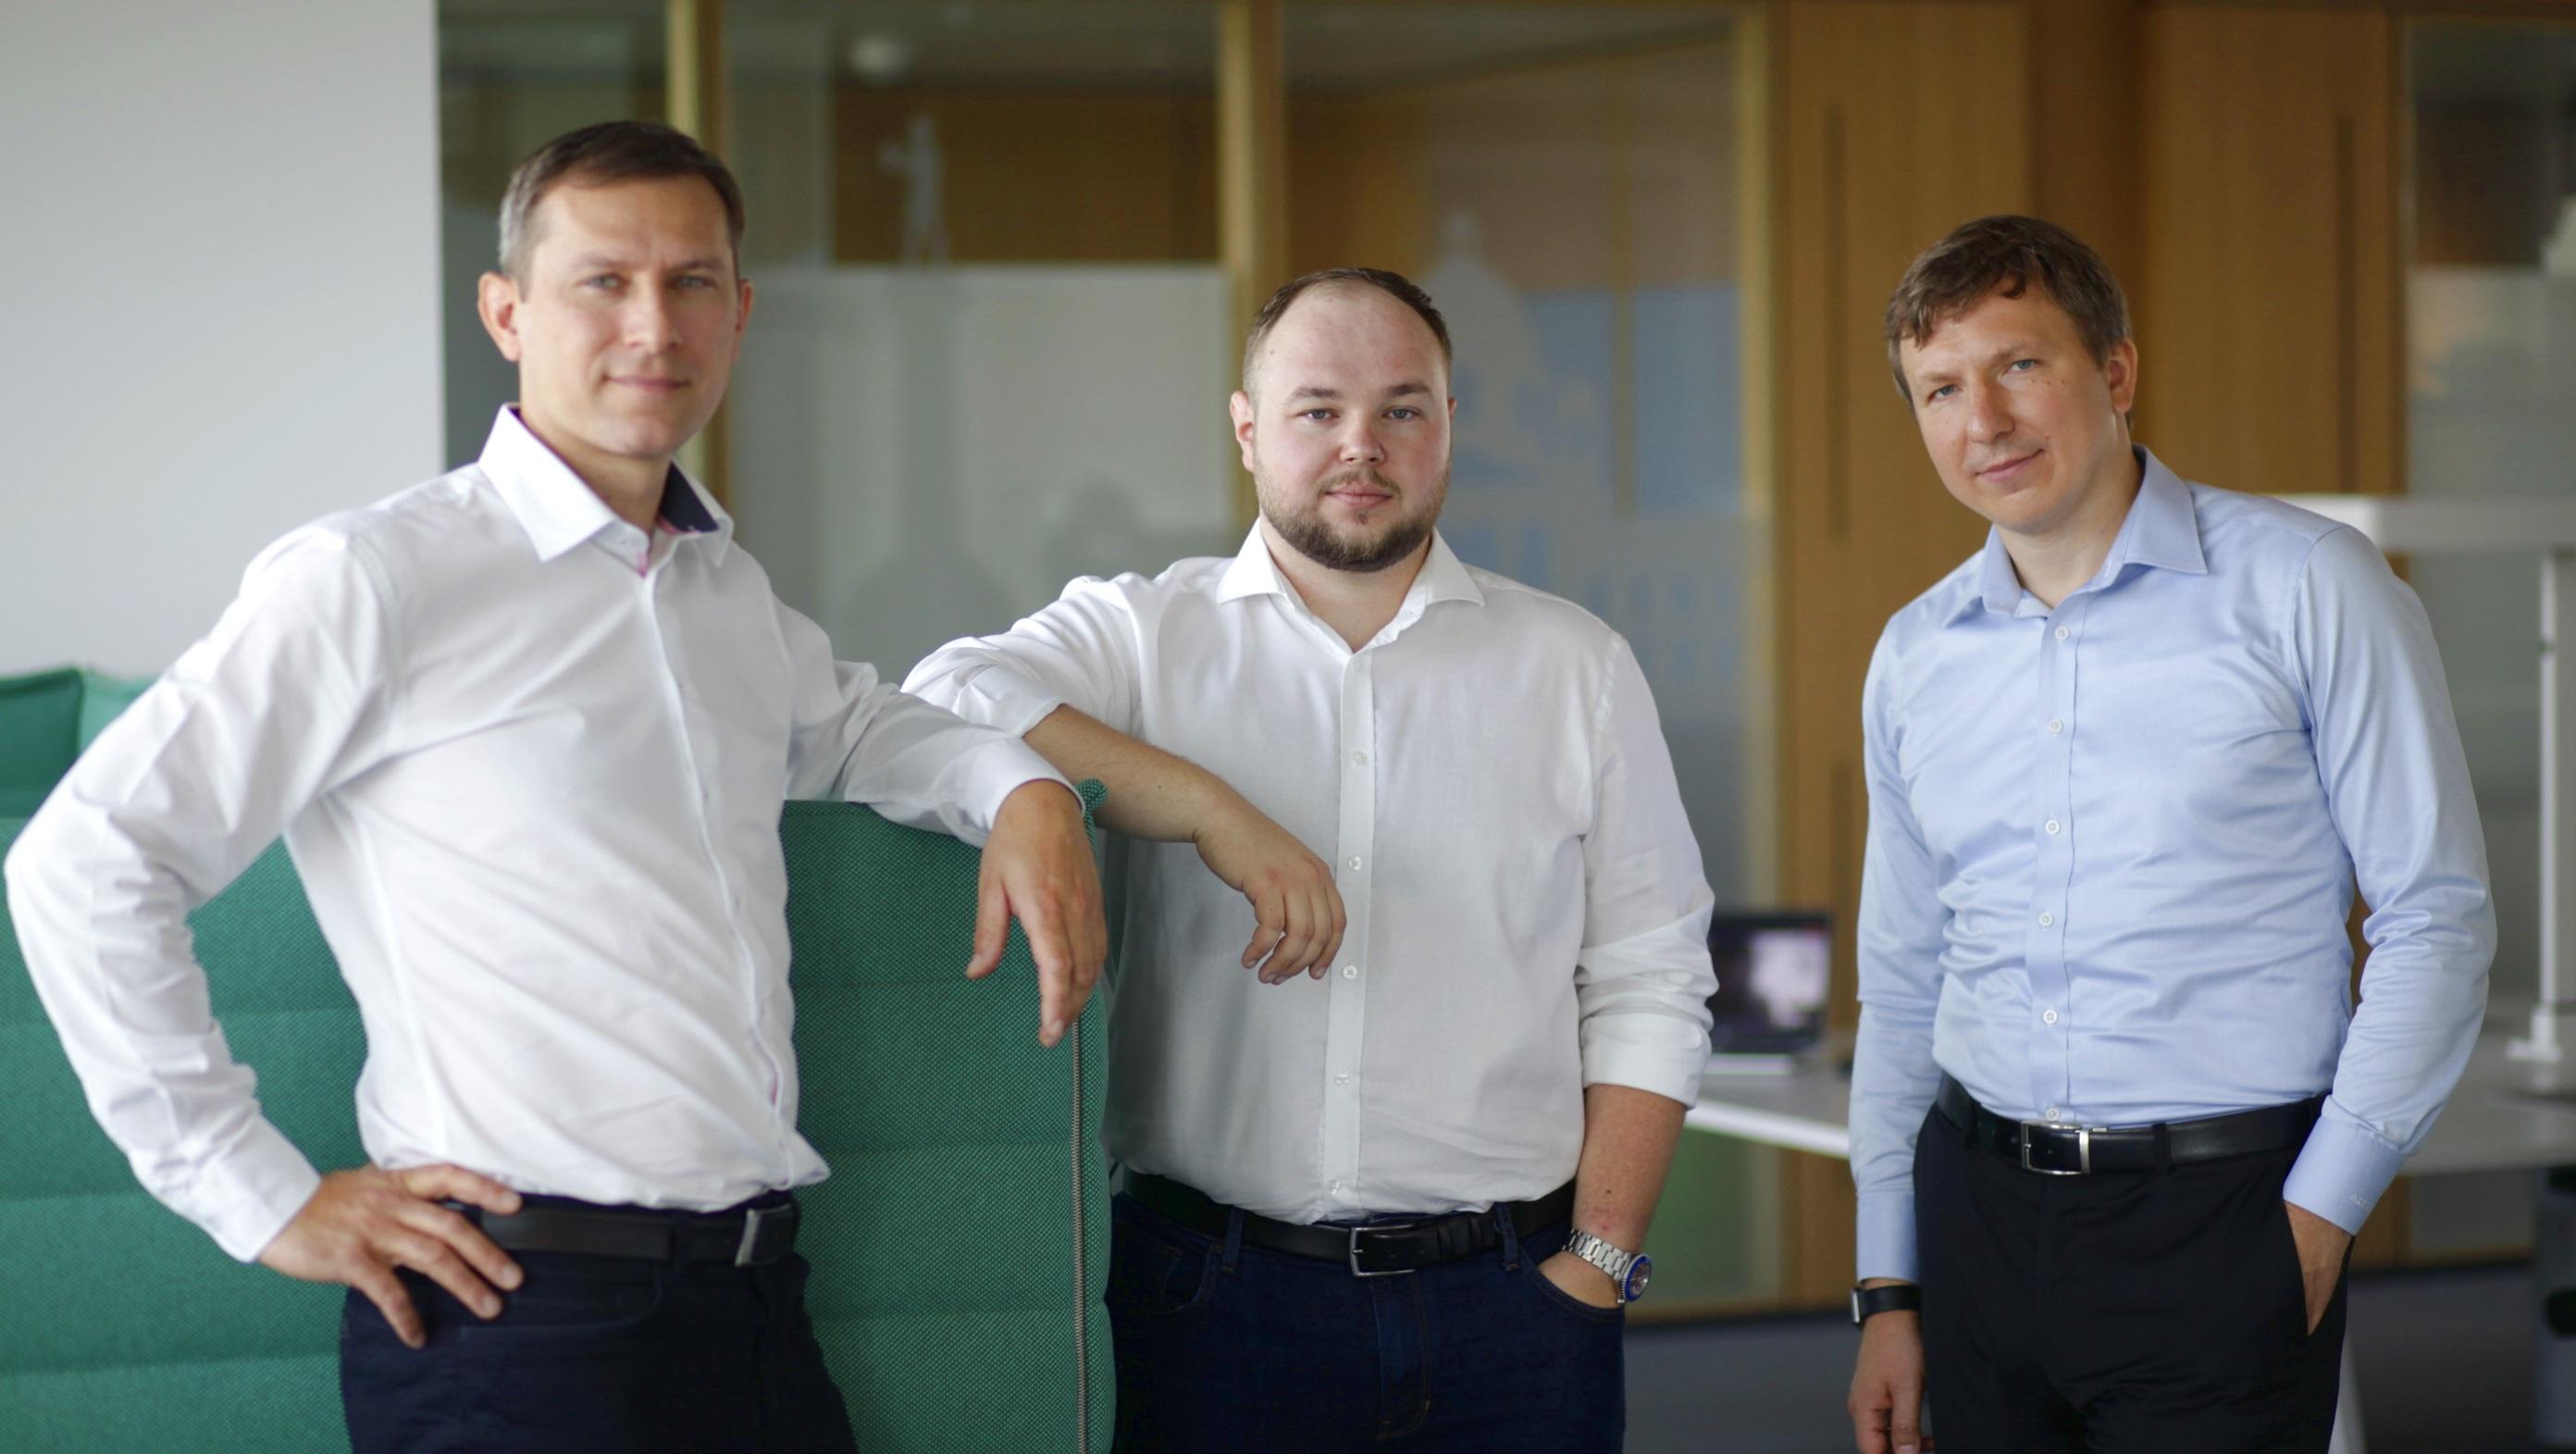 Raiffeisen Centrobank AG startuje w Polsce z pożyczkami w pełni online pod nową marką Raiffeisen Digital Bank - Zdjęcie główne